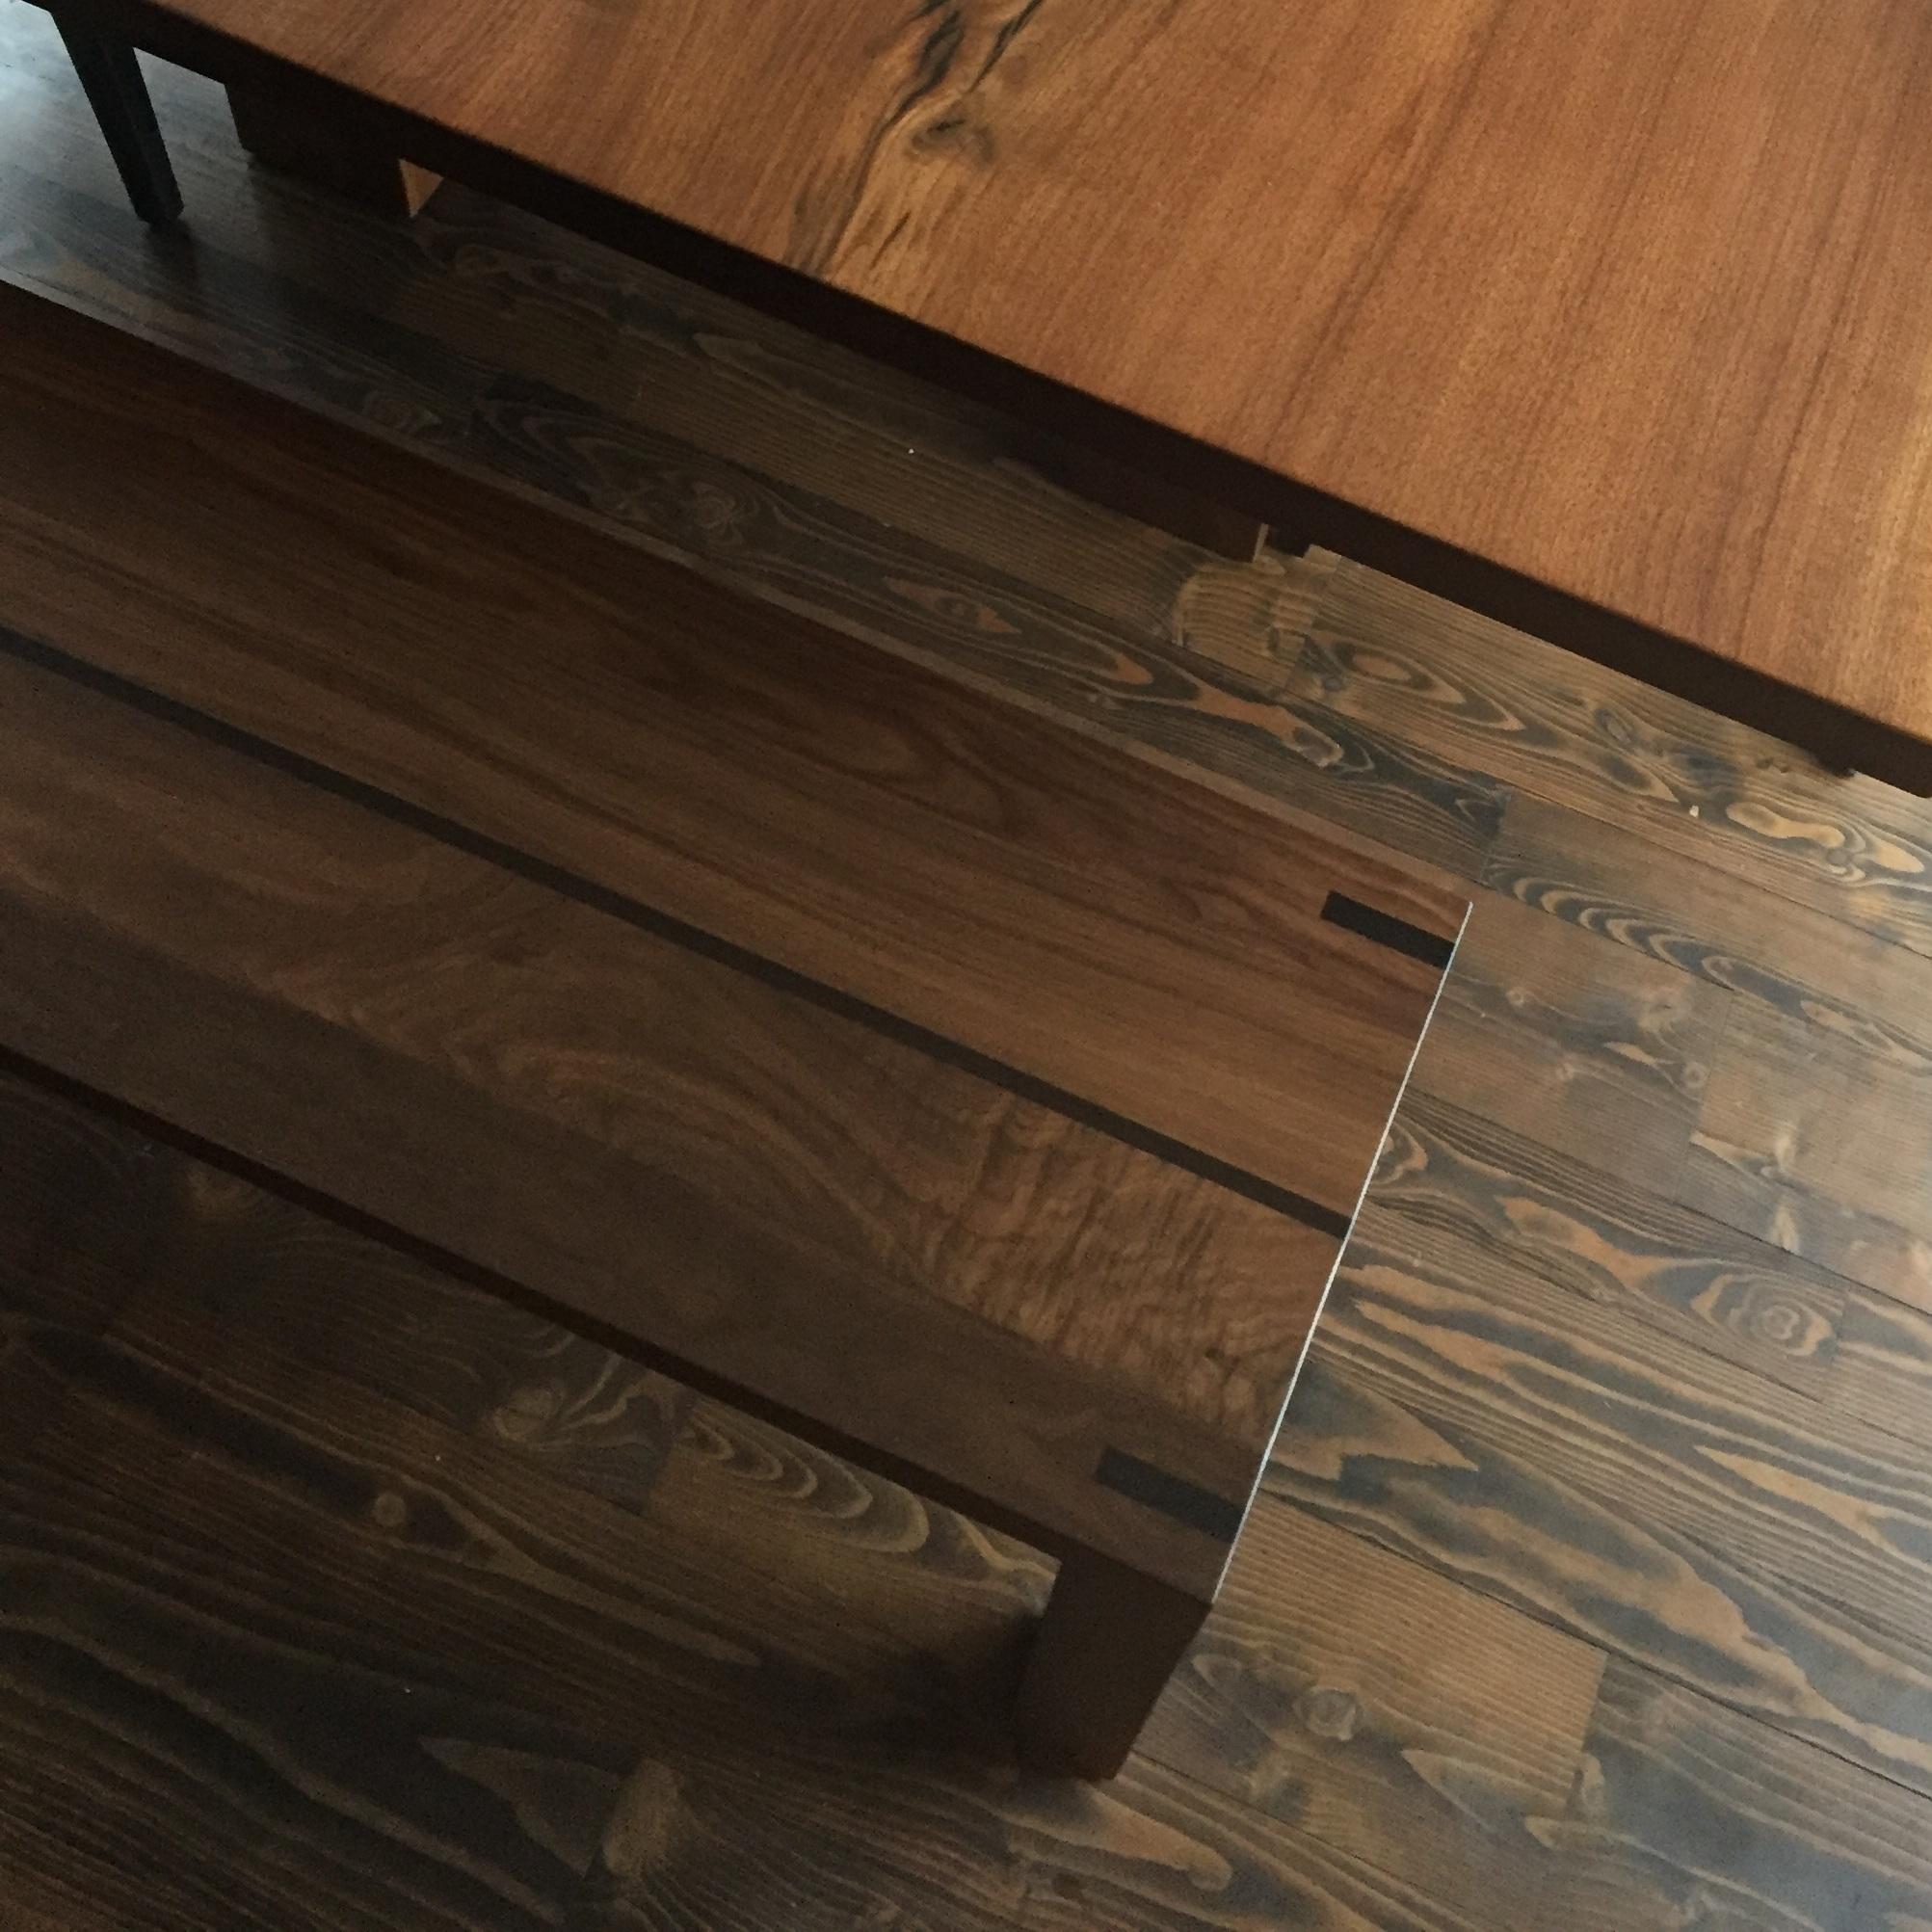 Banquettes en bois |Wooden benches